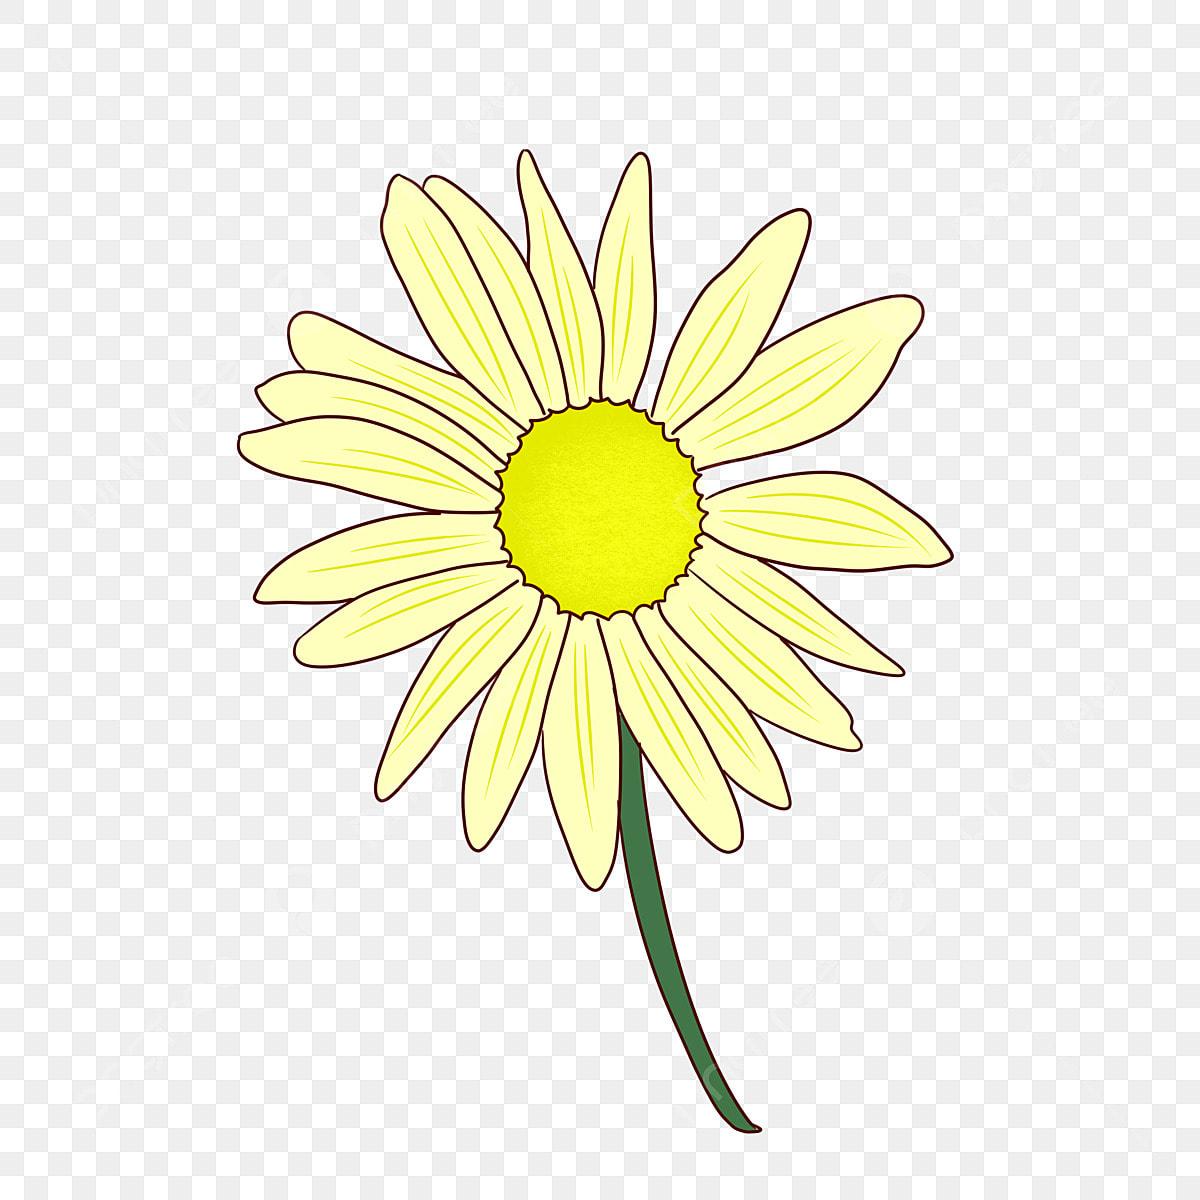 Dilukis Tangan Kartun Krisan Festival Kesembilan Ganda Bunga Musim Gugur Awal Musim Gugur Png Transparan Gambar Clipart Dan File Psd Untuk Unduh Gratis